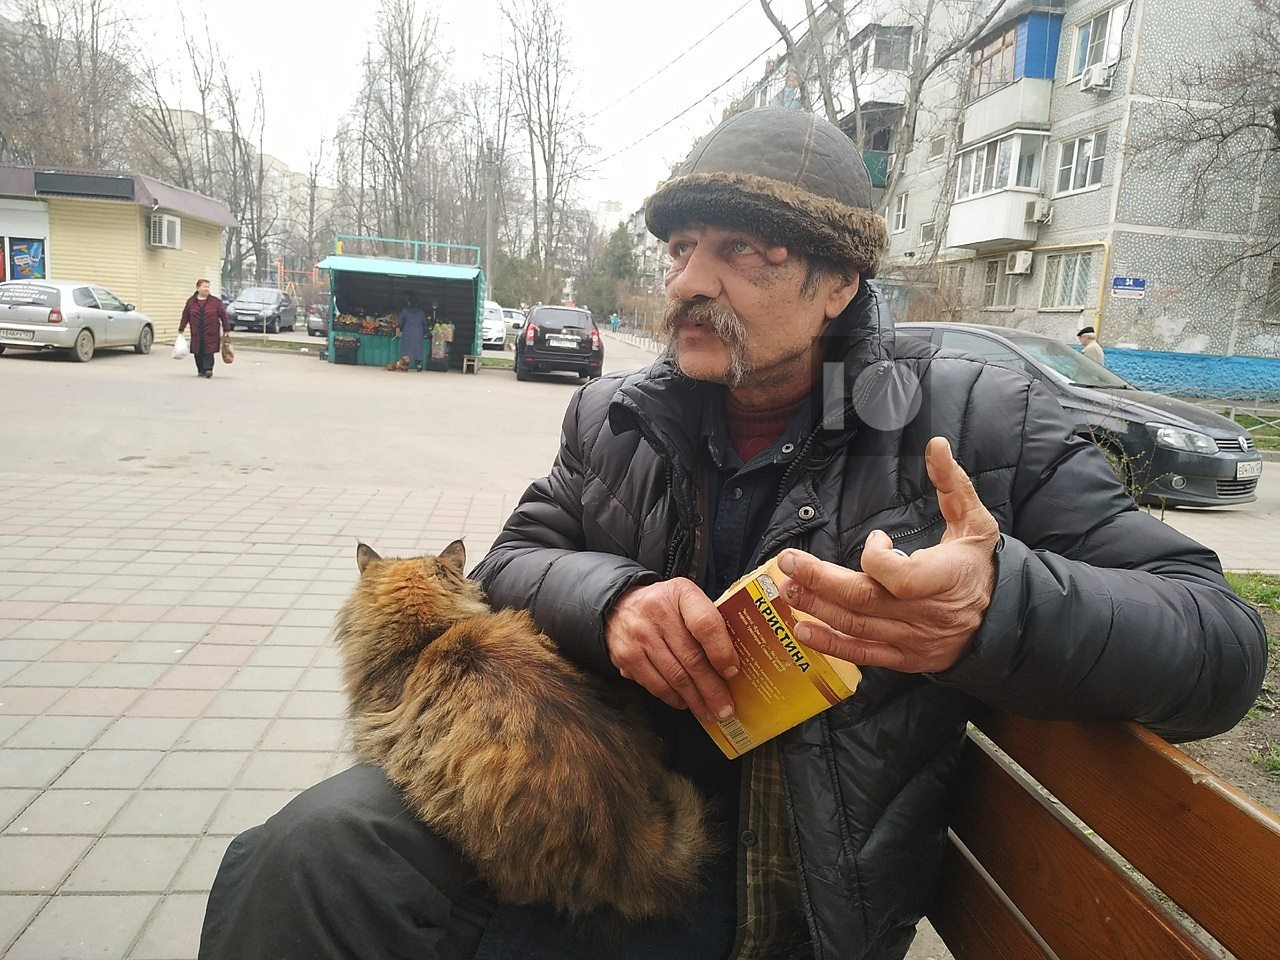 Бездомный Альберт: хочу вернуться к нормальной жизни